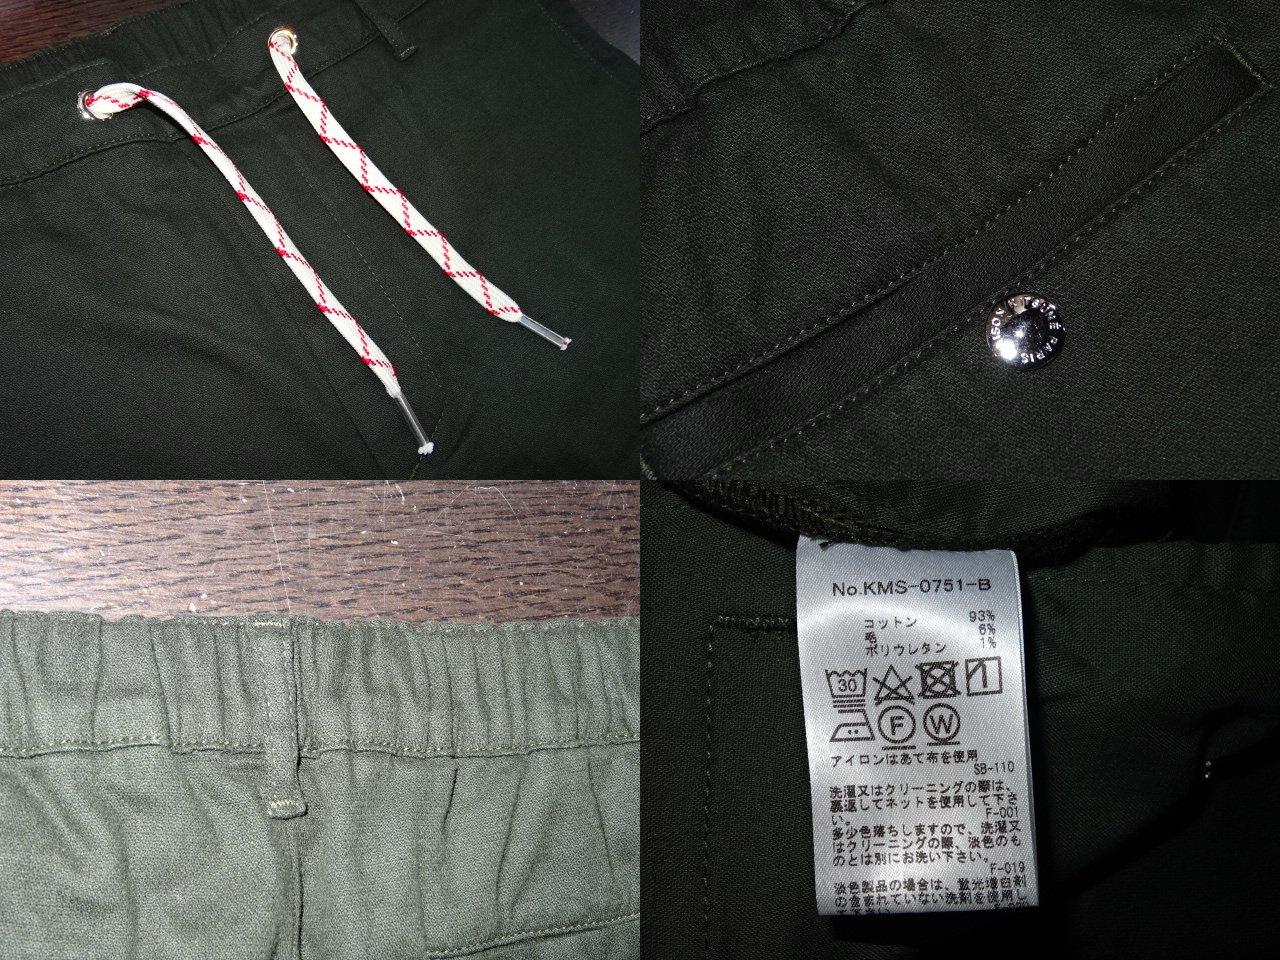 """KITSUNE キツネ17aw """"OVERDYED CITY JOG PANT"""" Size-L パンツ ジョグ KMS-0751-Bブランド古着大名店【中古】"""